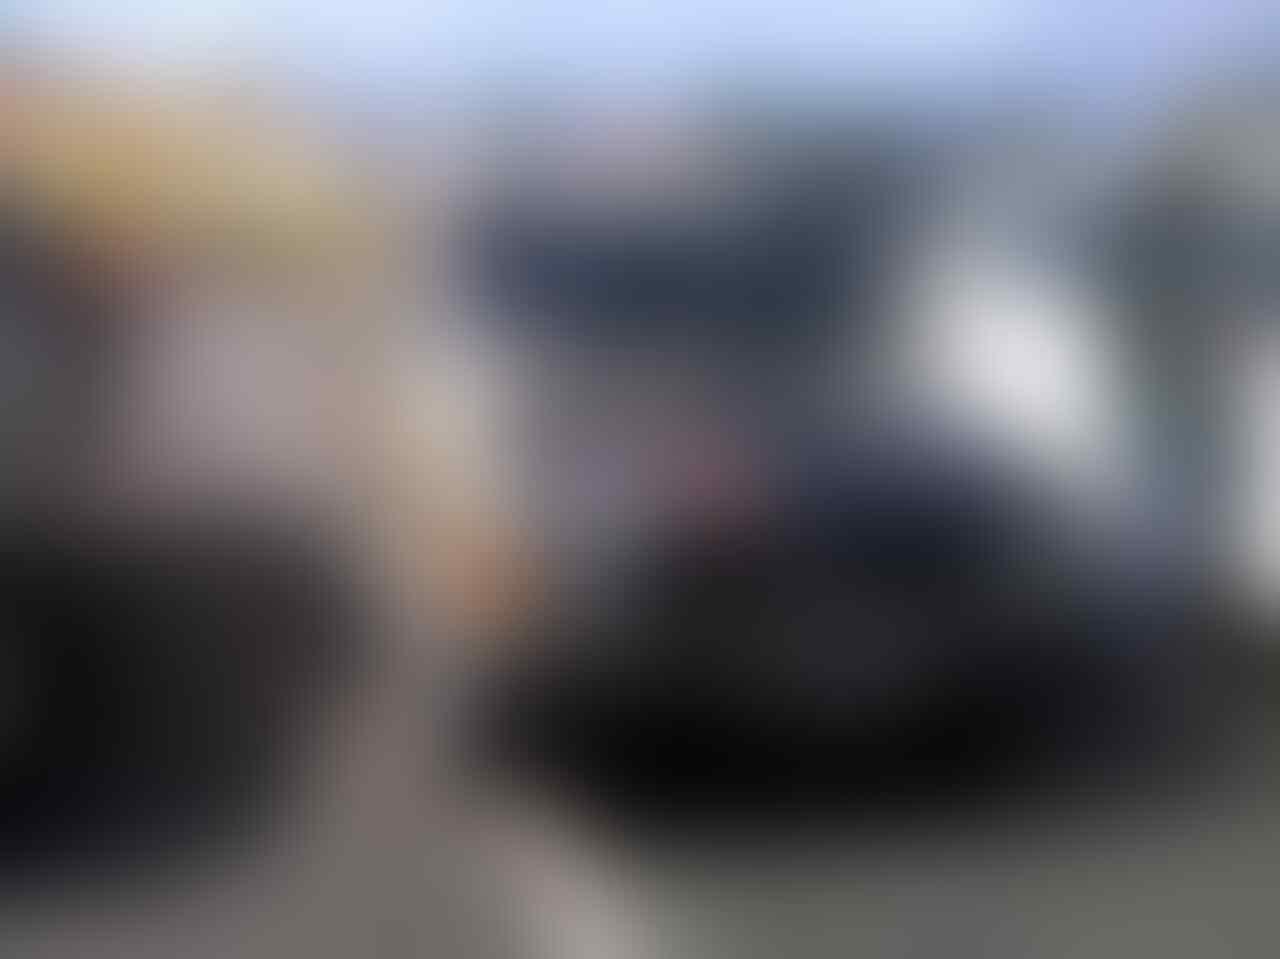 [TKKC] Toyota Kijang Kaskus Community - Part 3